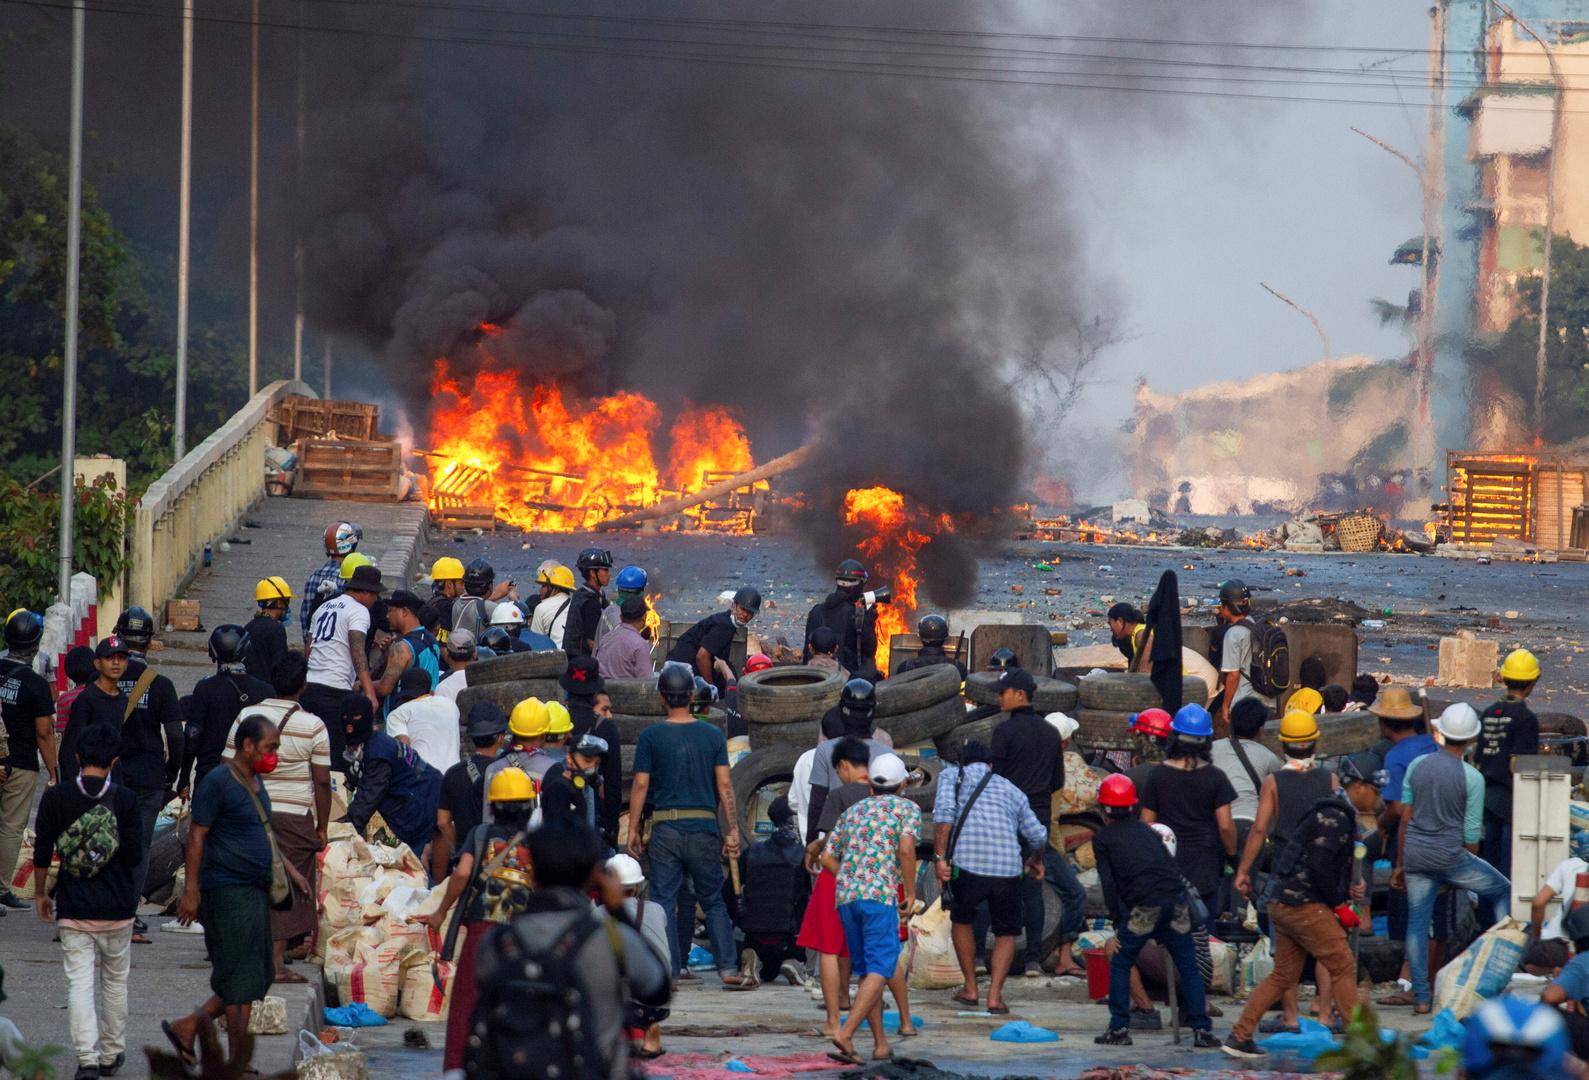 مجلس النواب الأمريكي يدين استيلاء العسكريين على السلطة في ميانمار